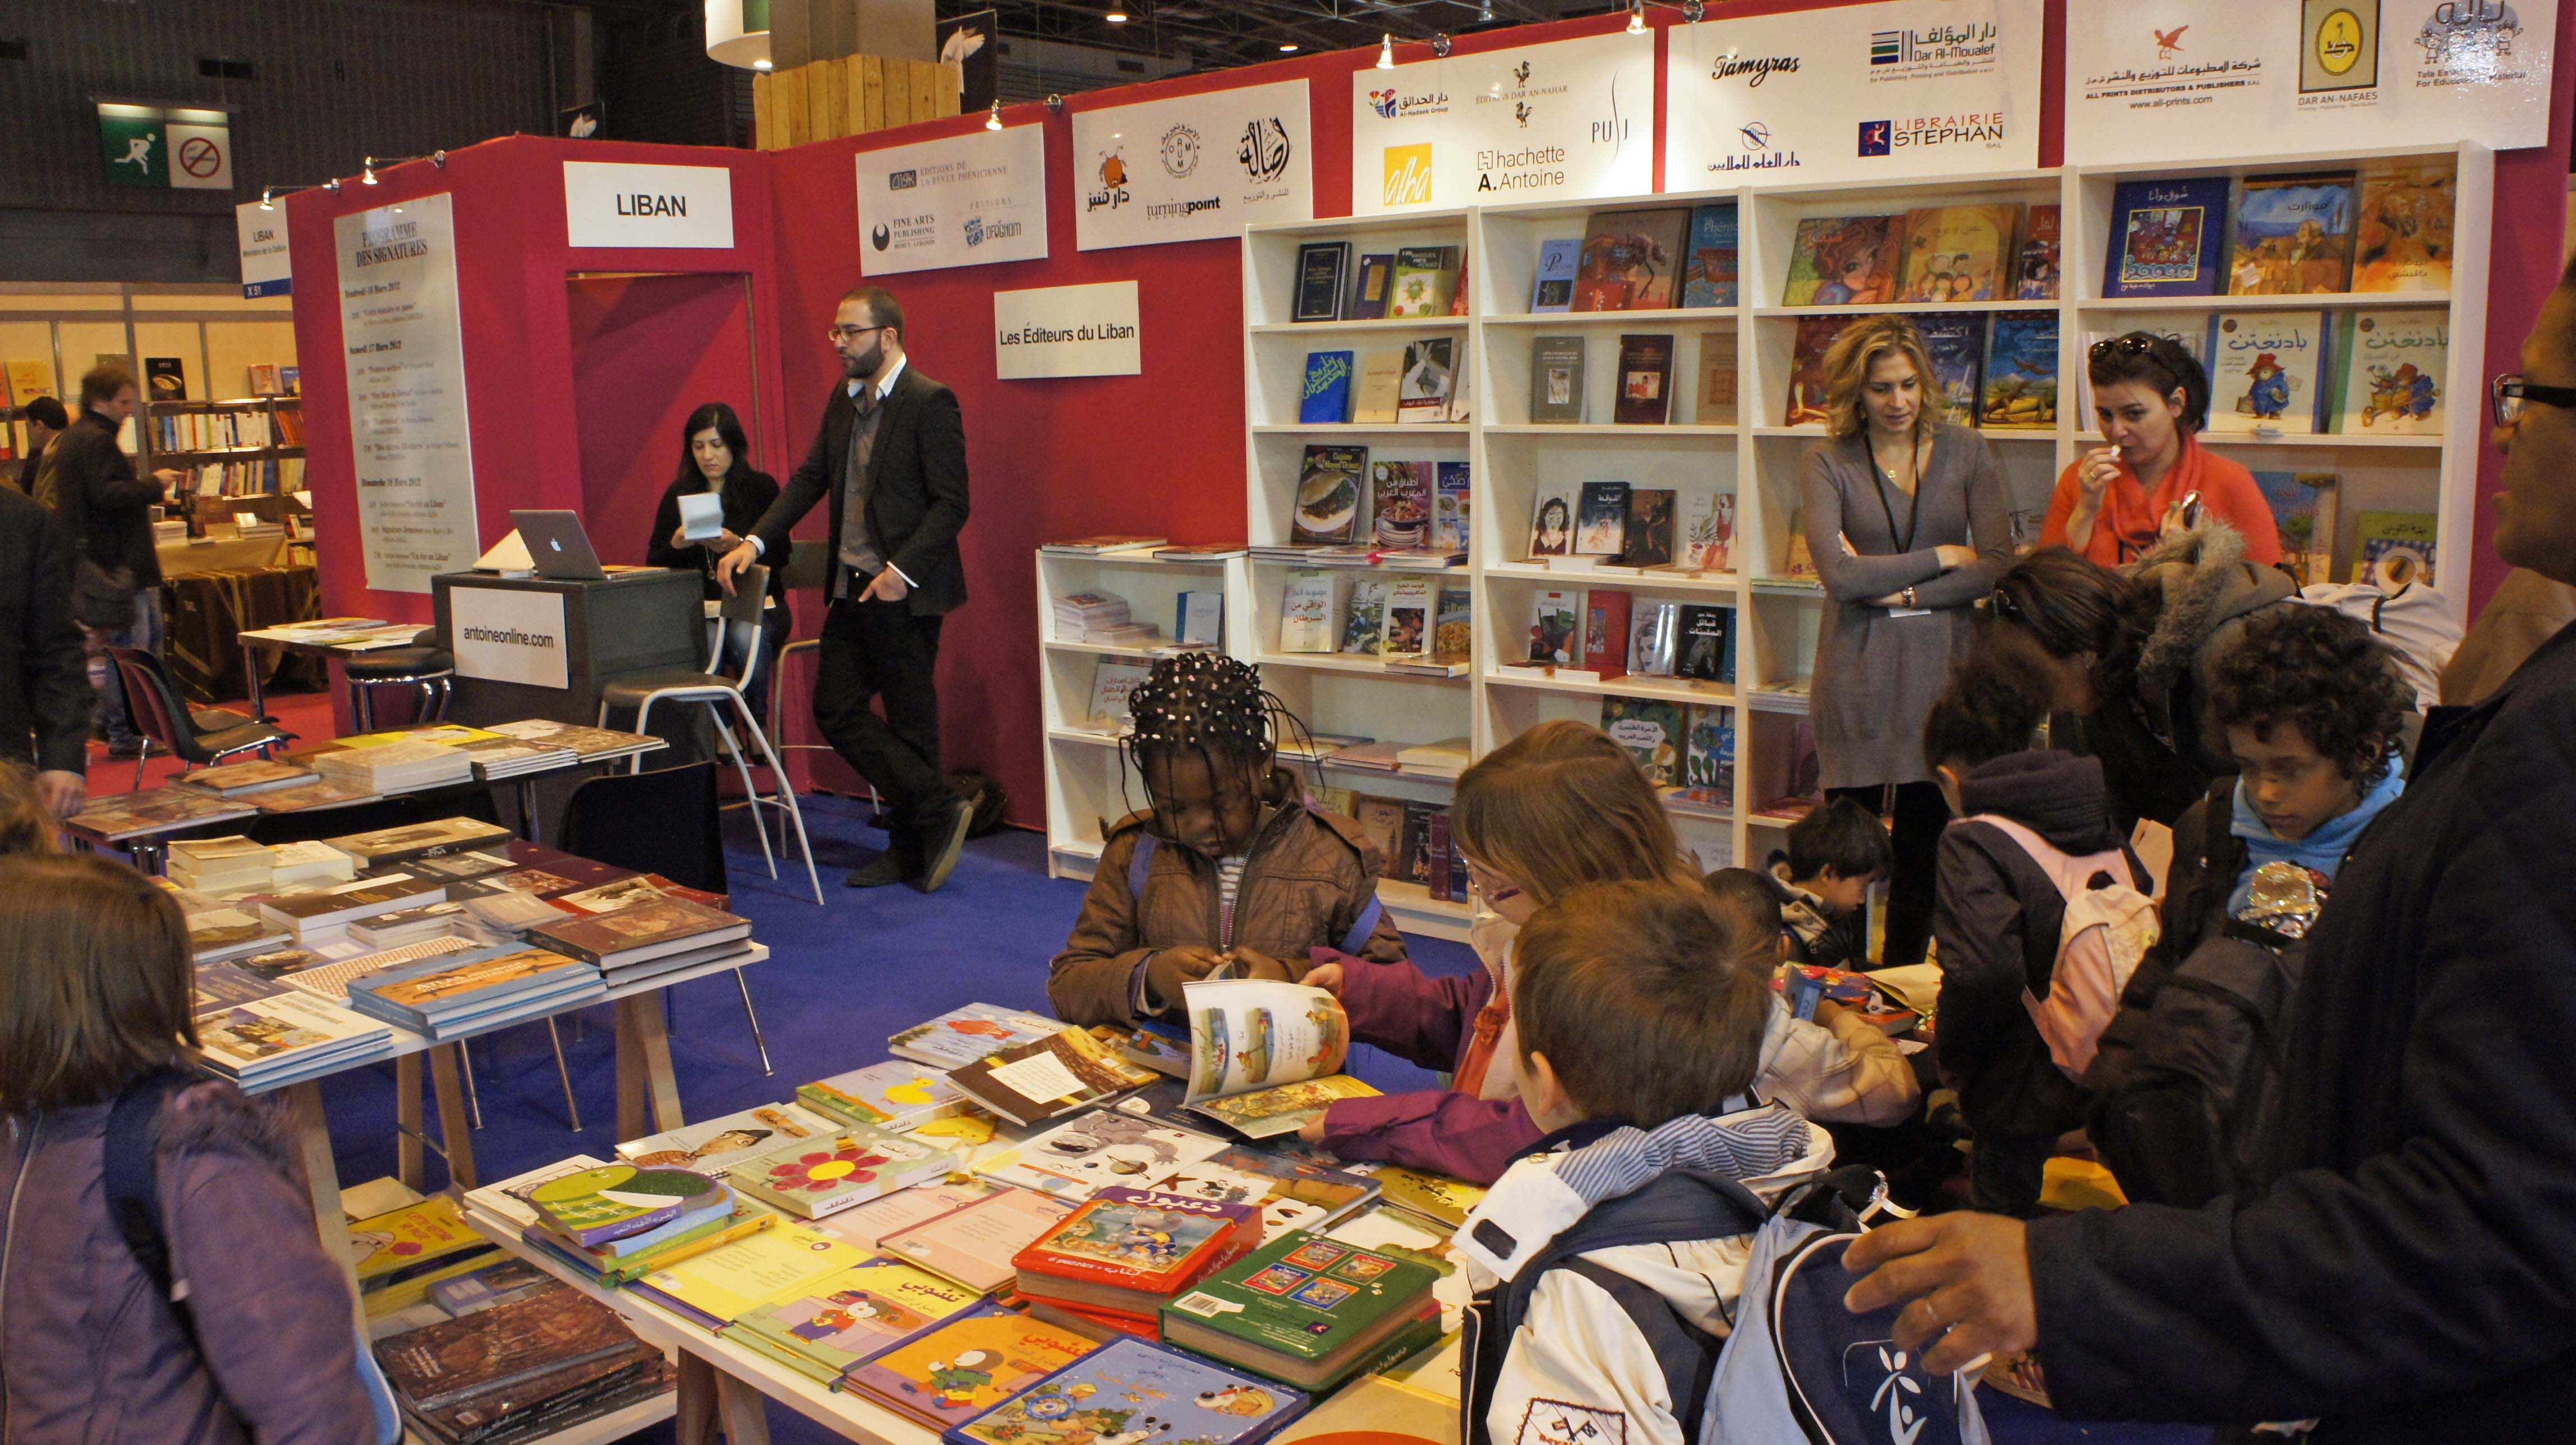 File liban salon du livre wikimedia commons - Salon du livre gaillac ...